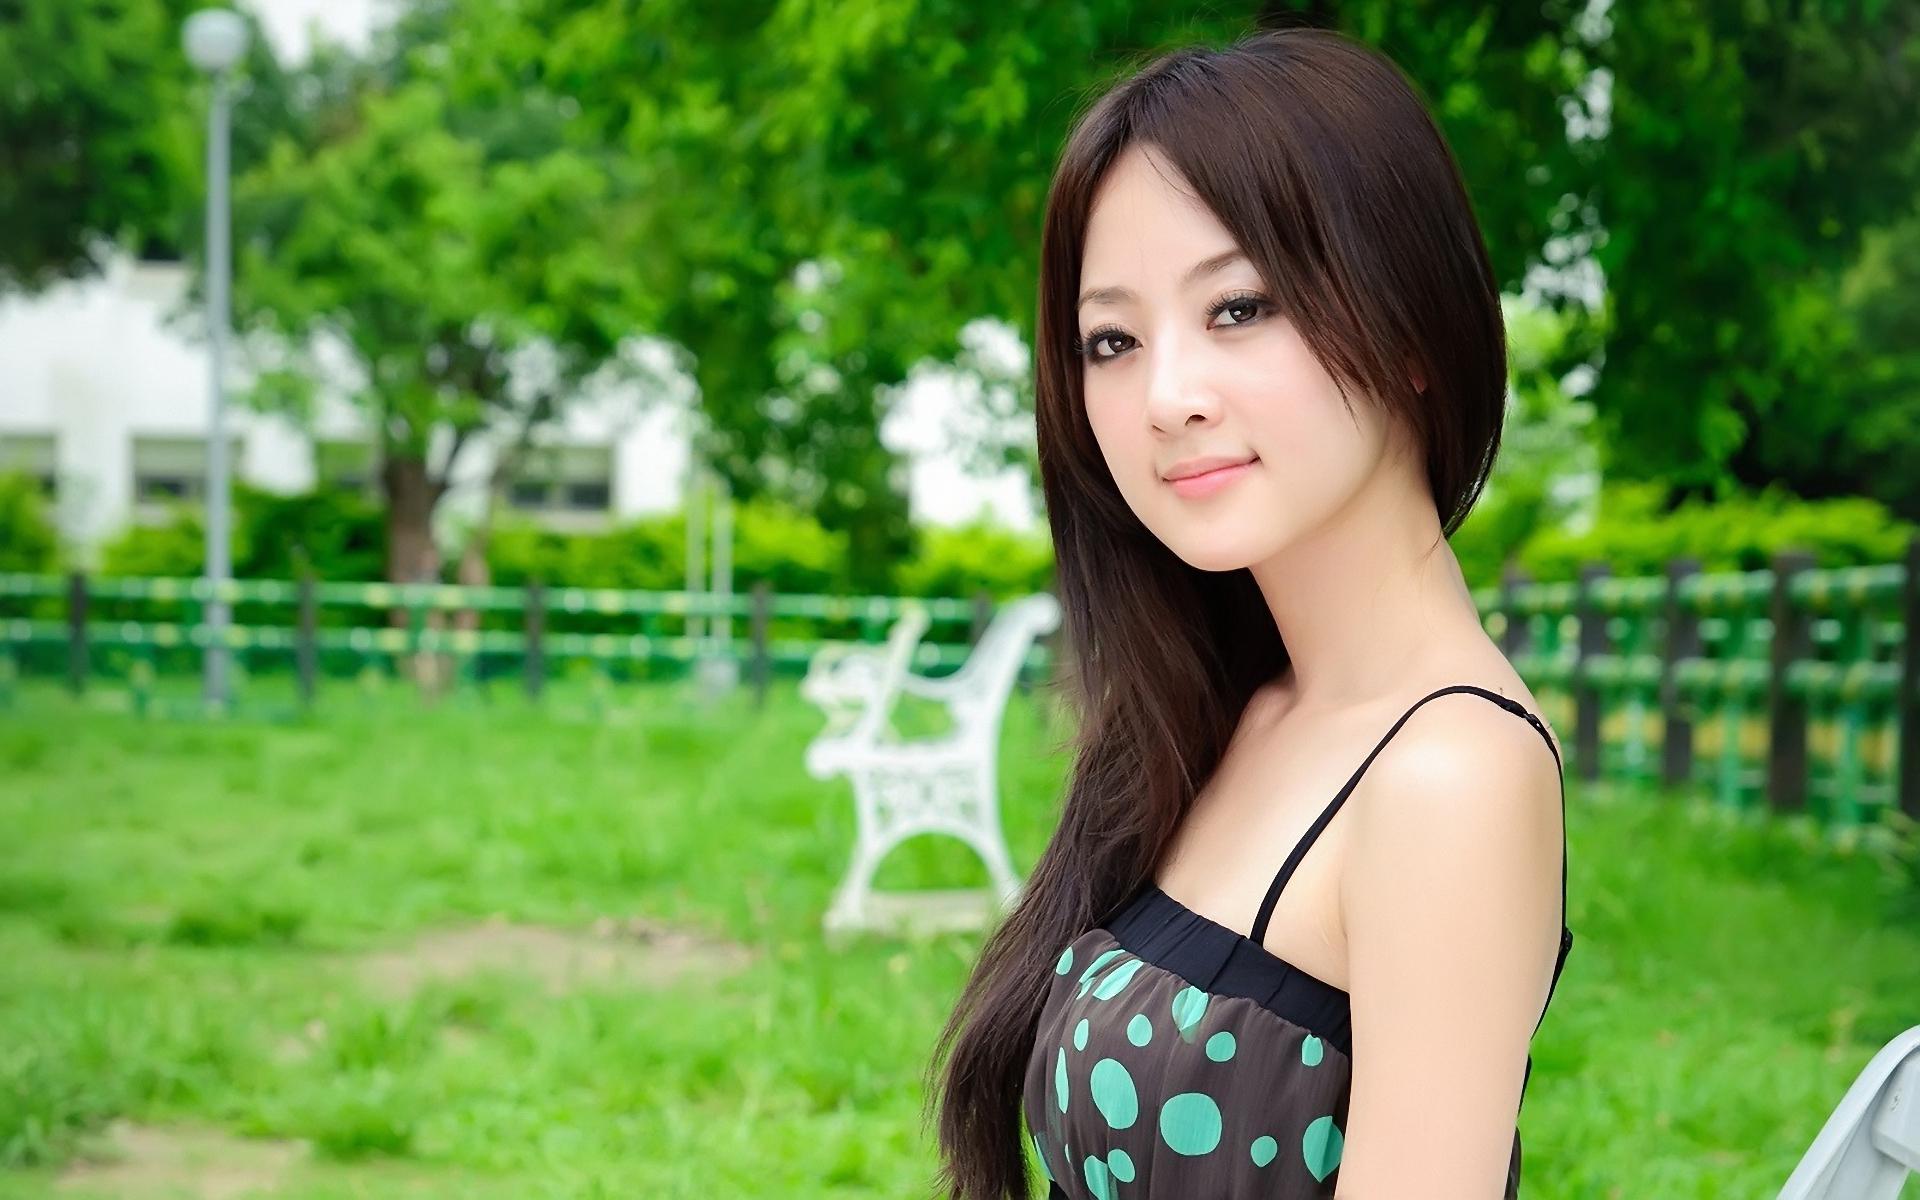 cute asian wallpaper